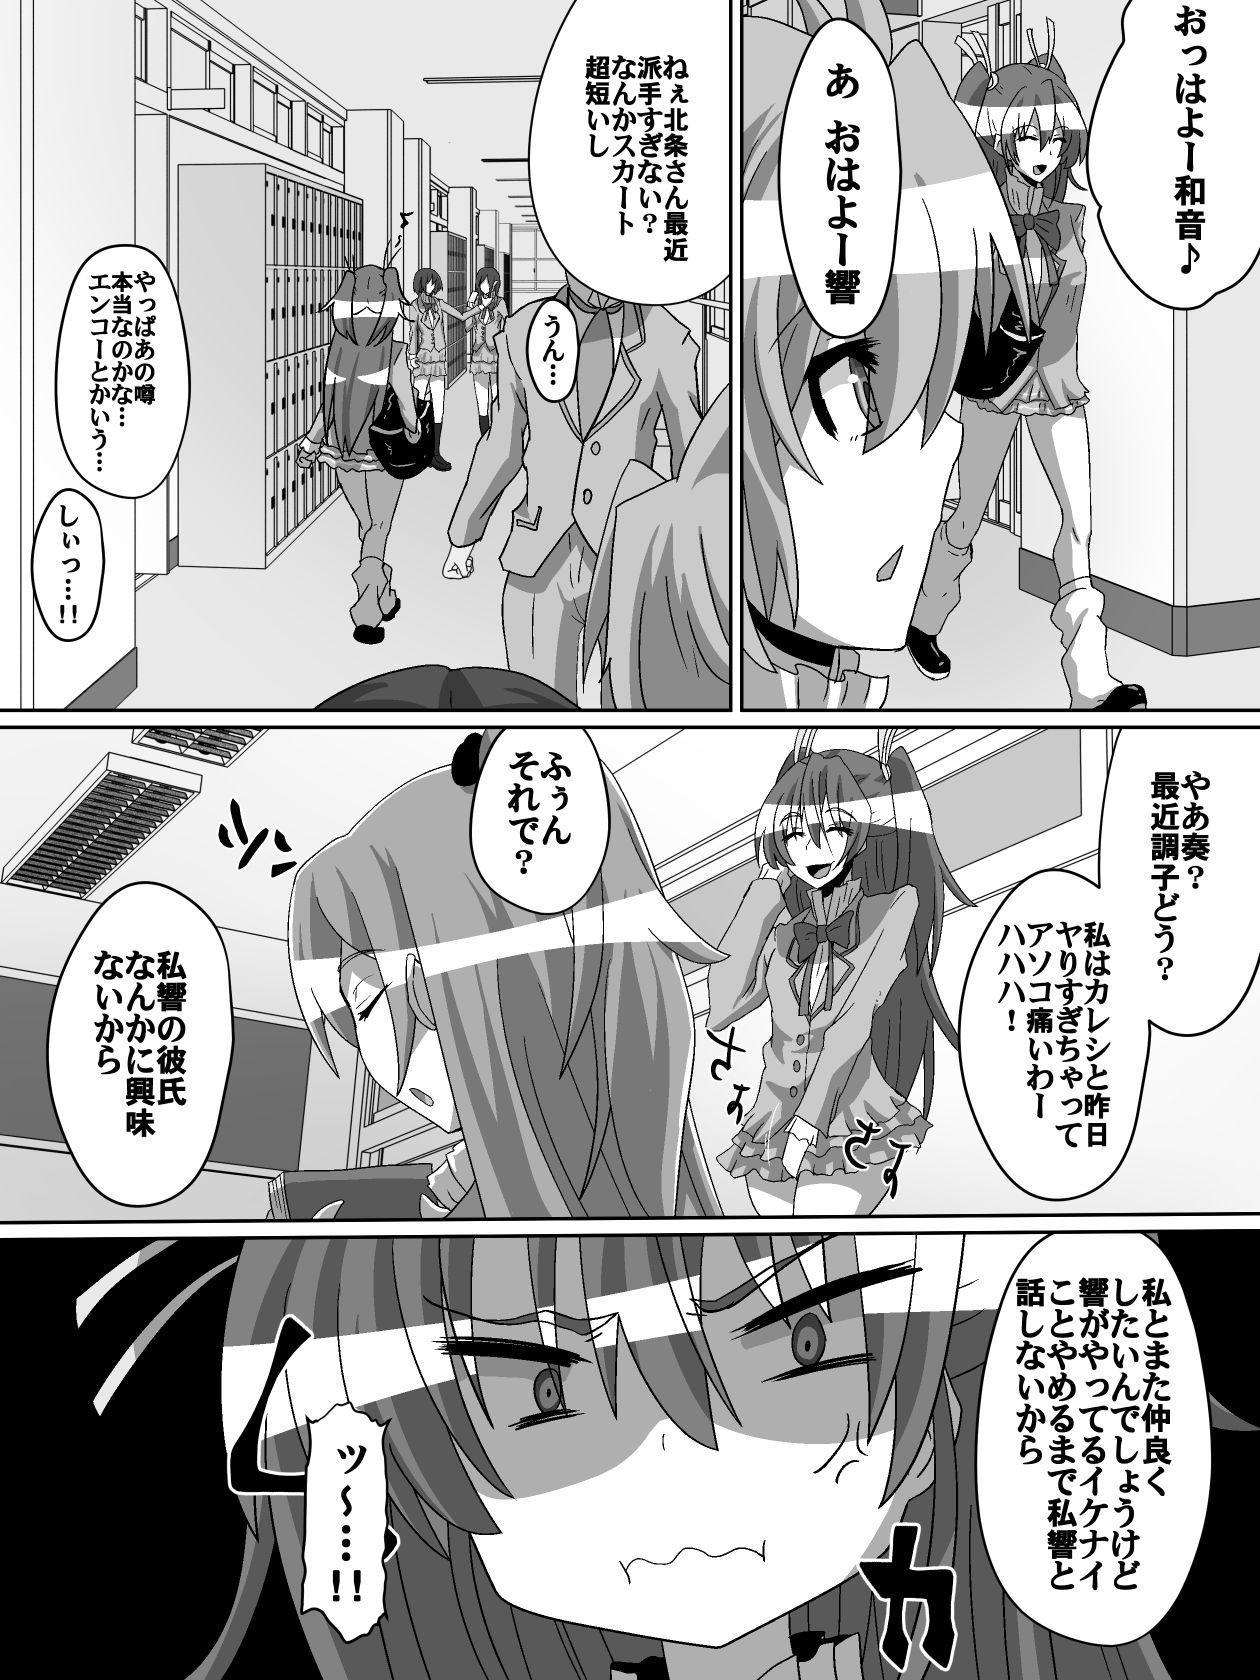 Net ni Hisomu Kikensei 1 8